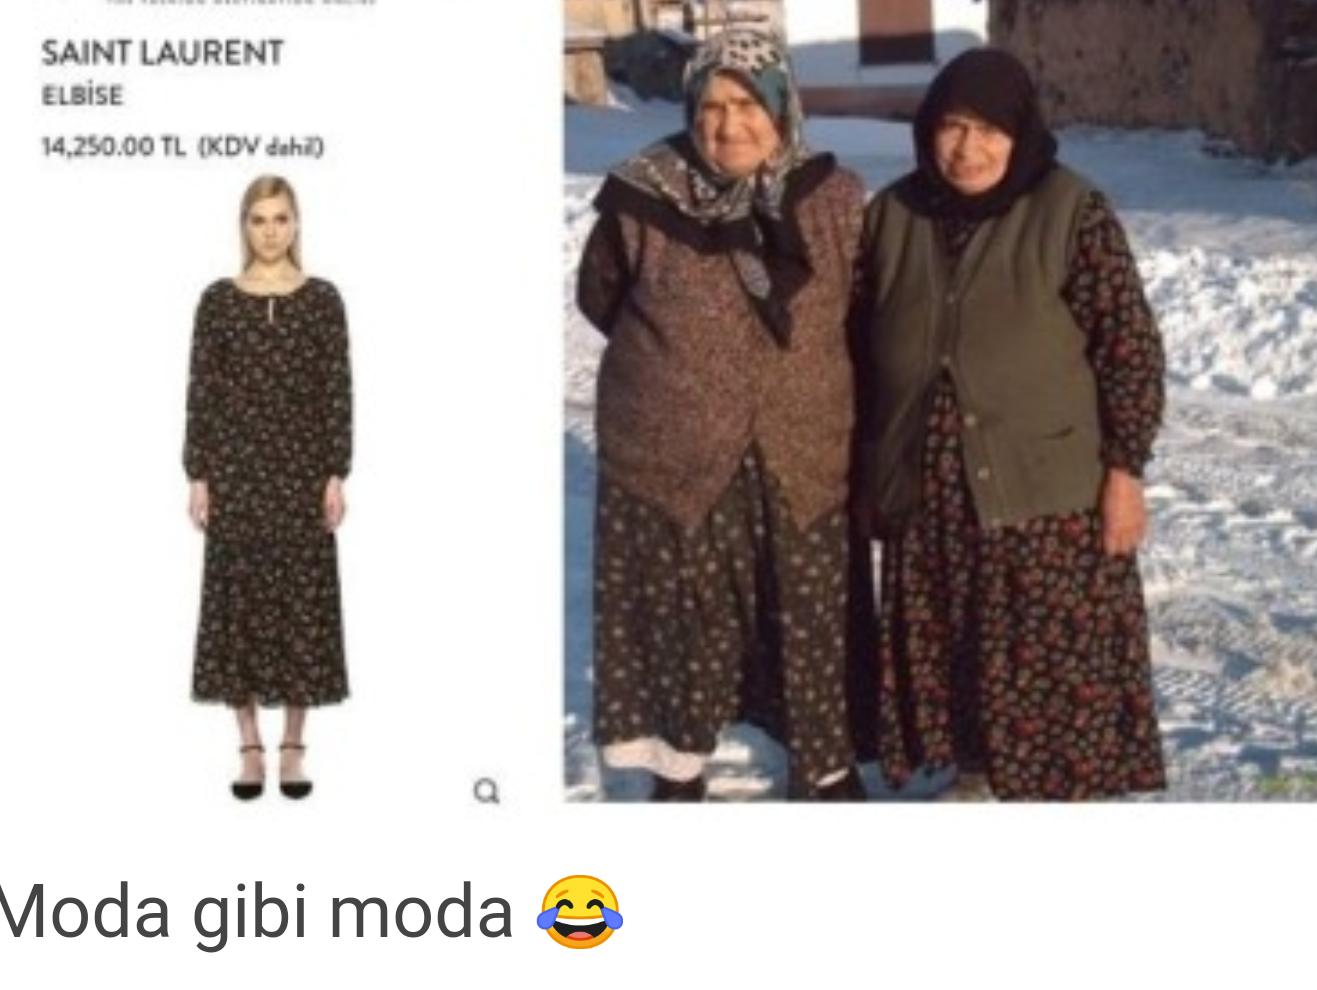 moda olan iğrenç şeyler